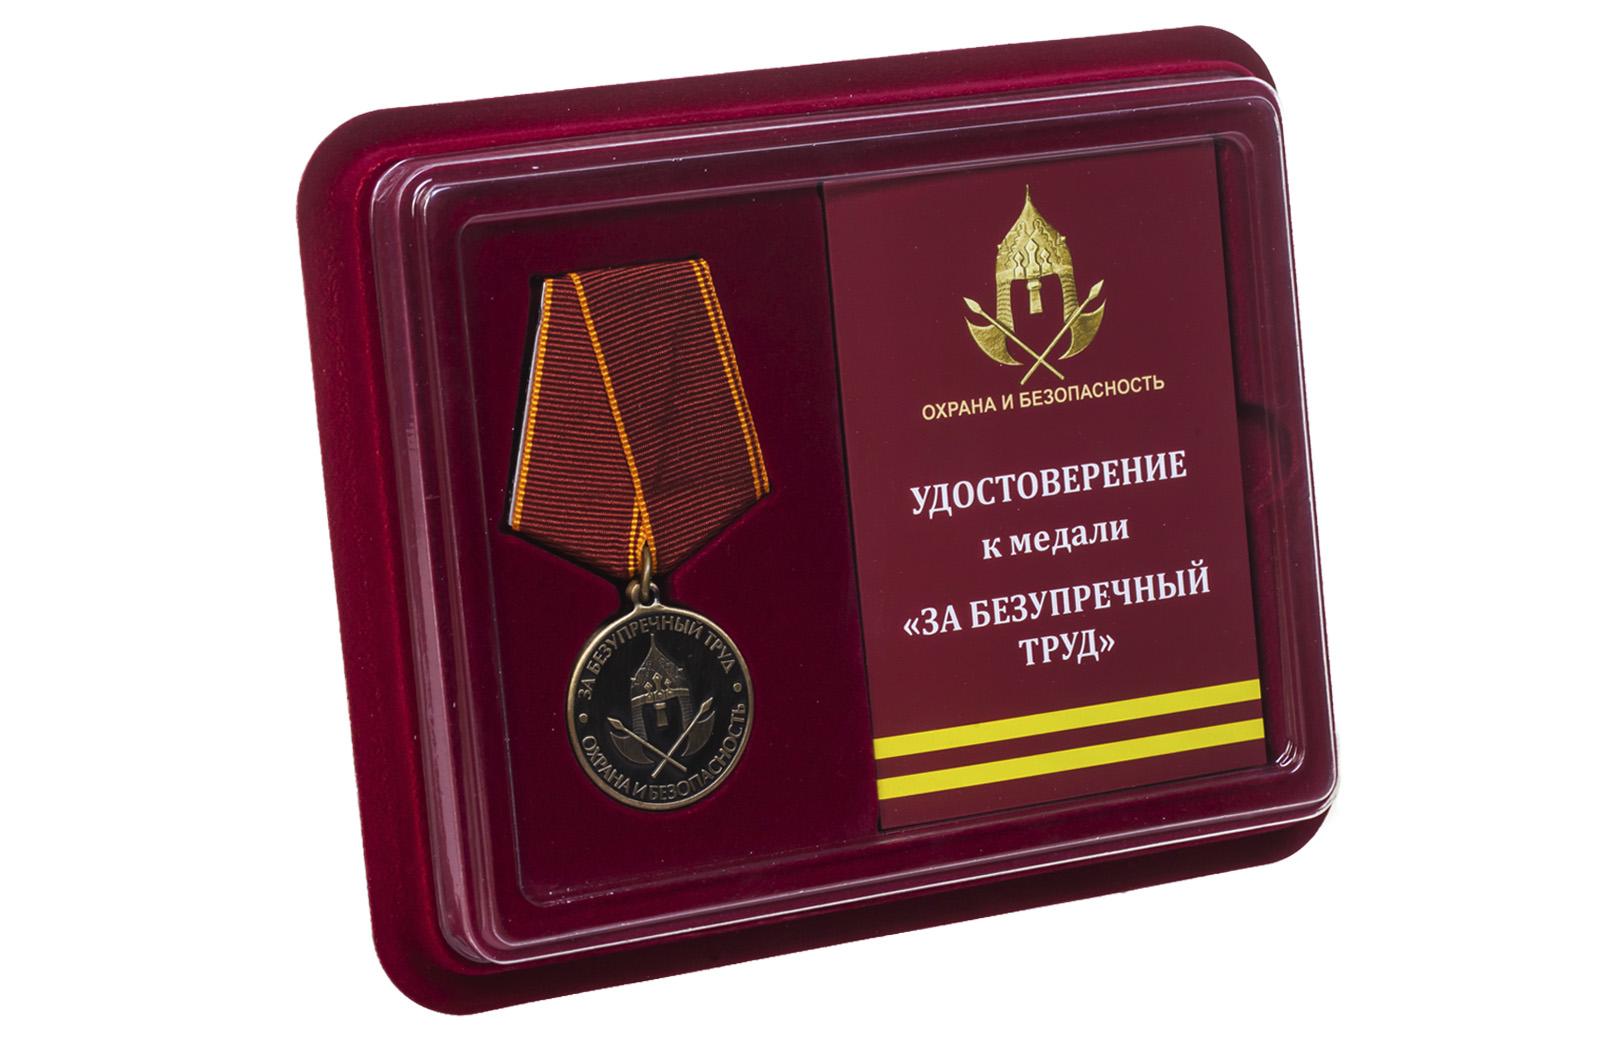 Купить общественную медаль За безупречный труд. Охрана и безопасность онлайн